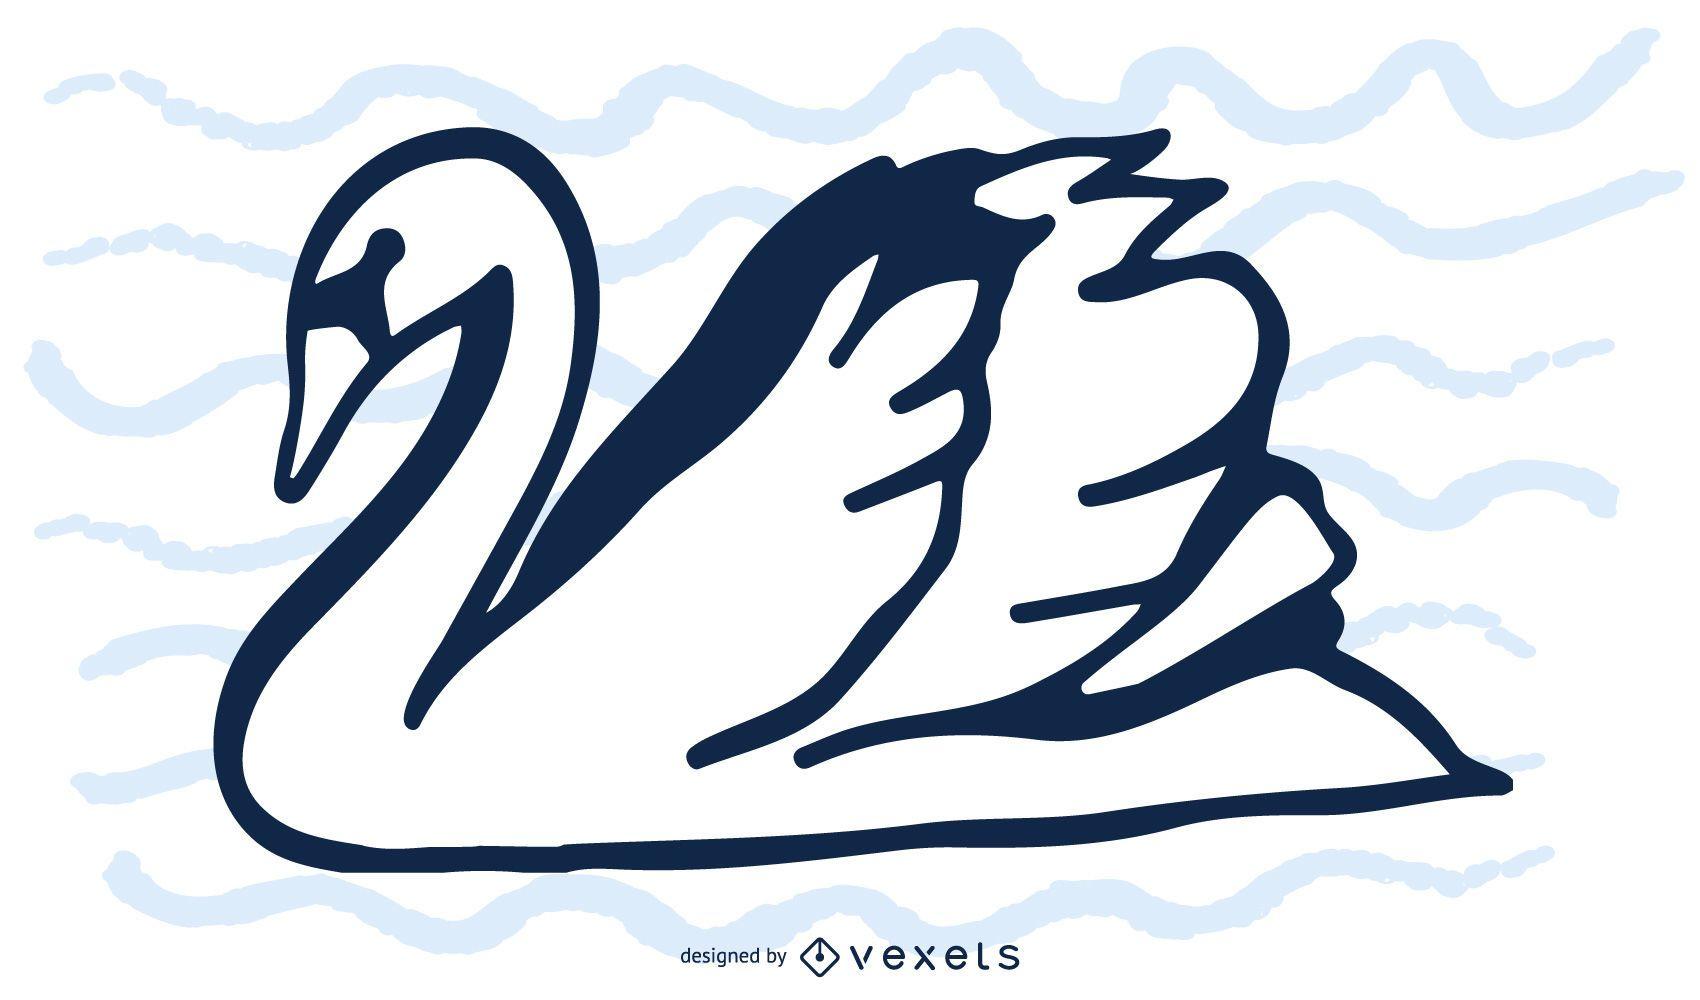 Silueta de cisne blanco y negro